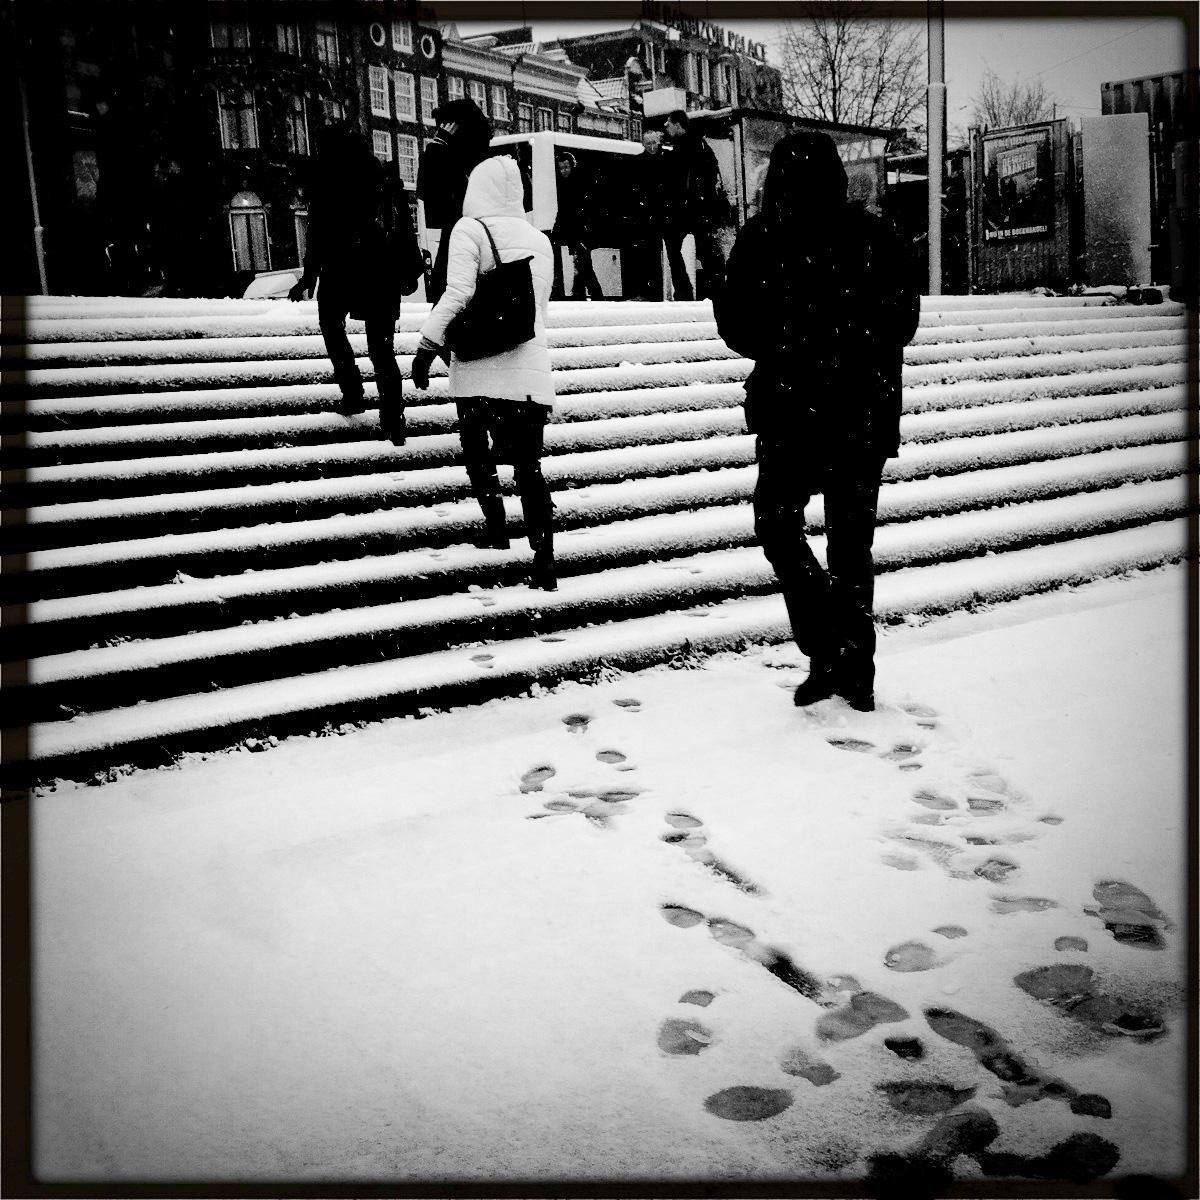 Fußgänger im Neuschnee in Amsterdam.